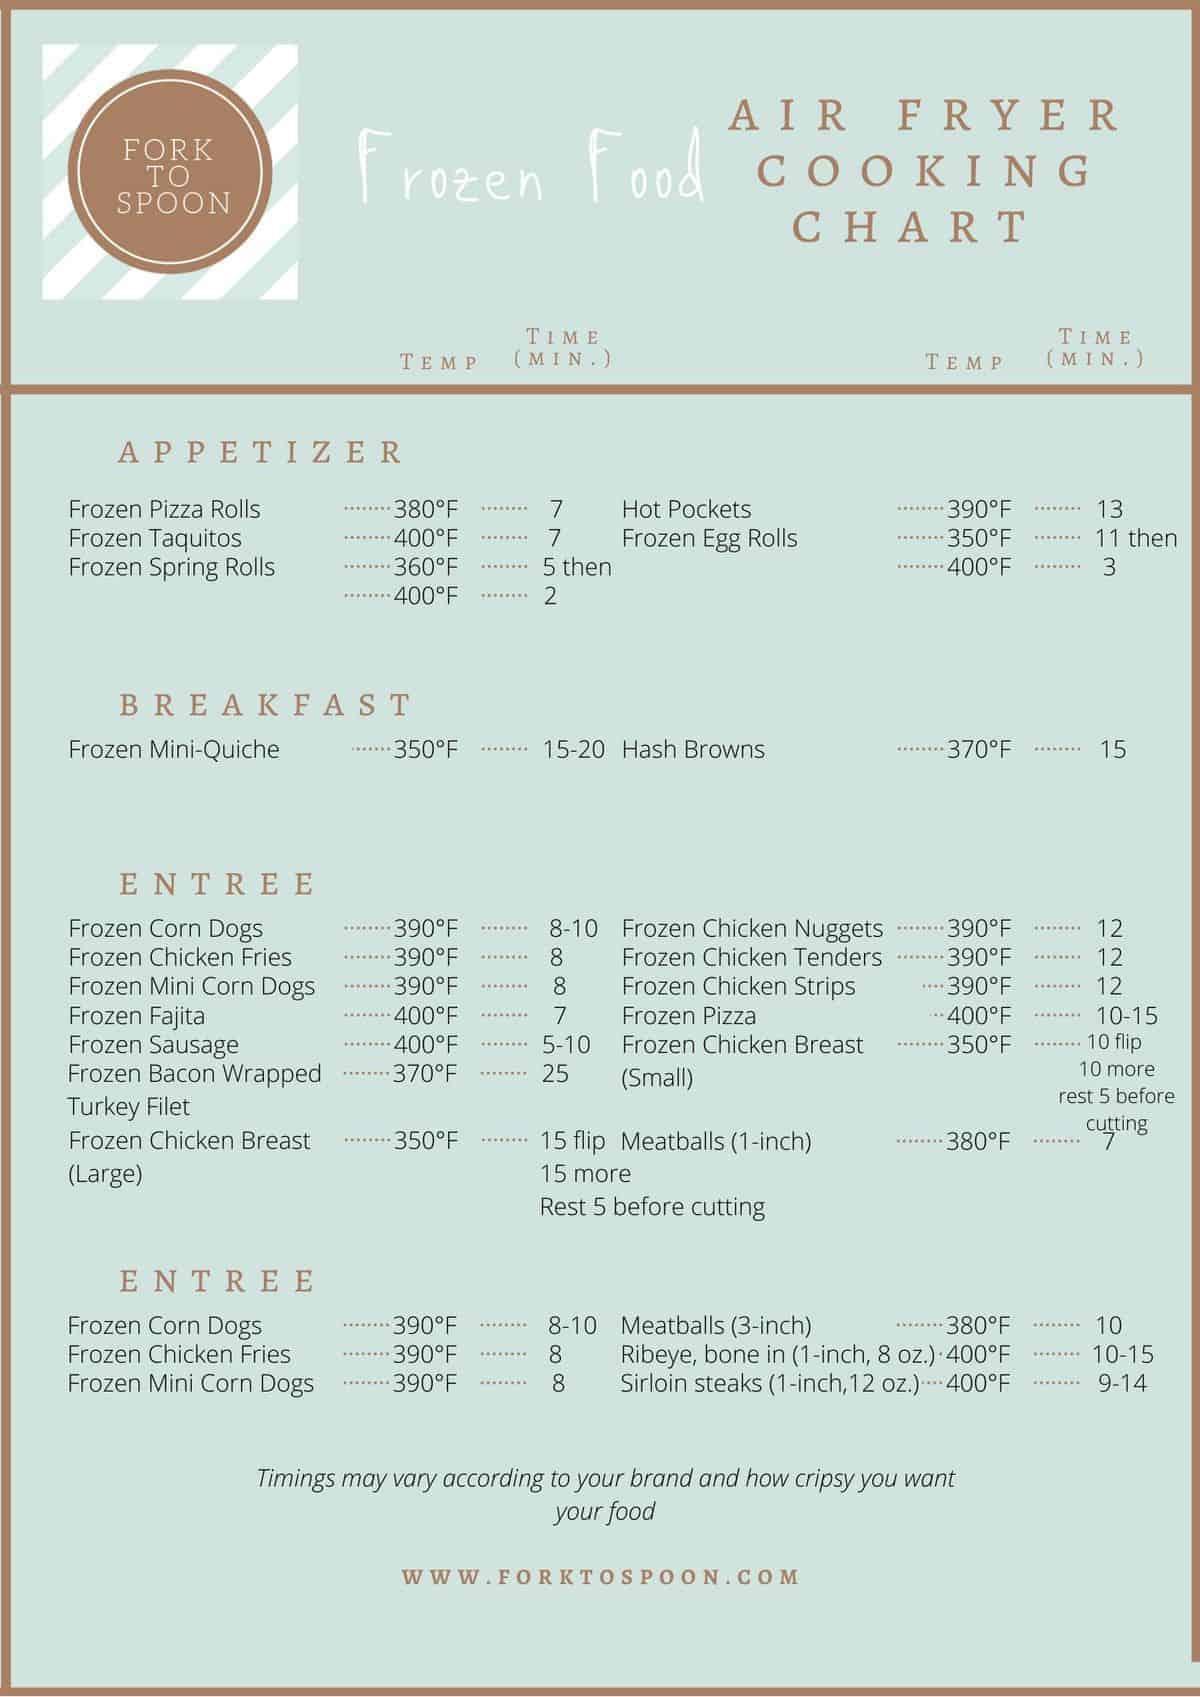 Frozen Foods Air Fryer Chart